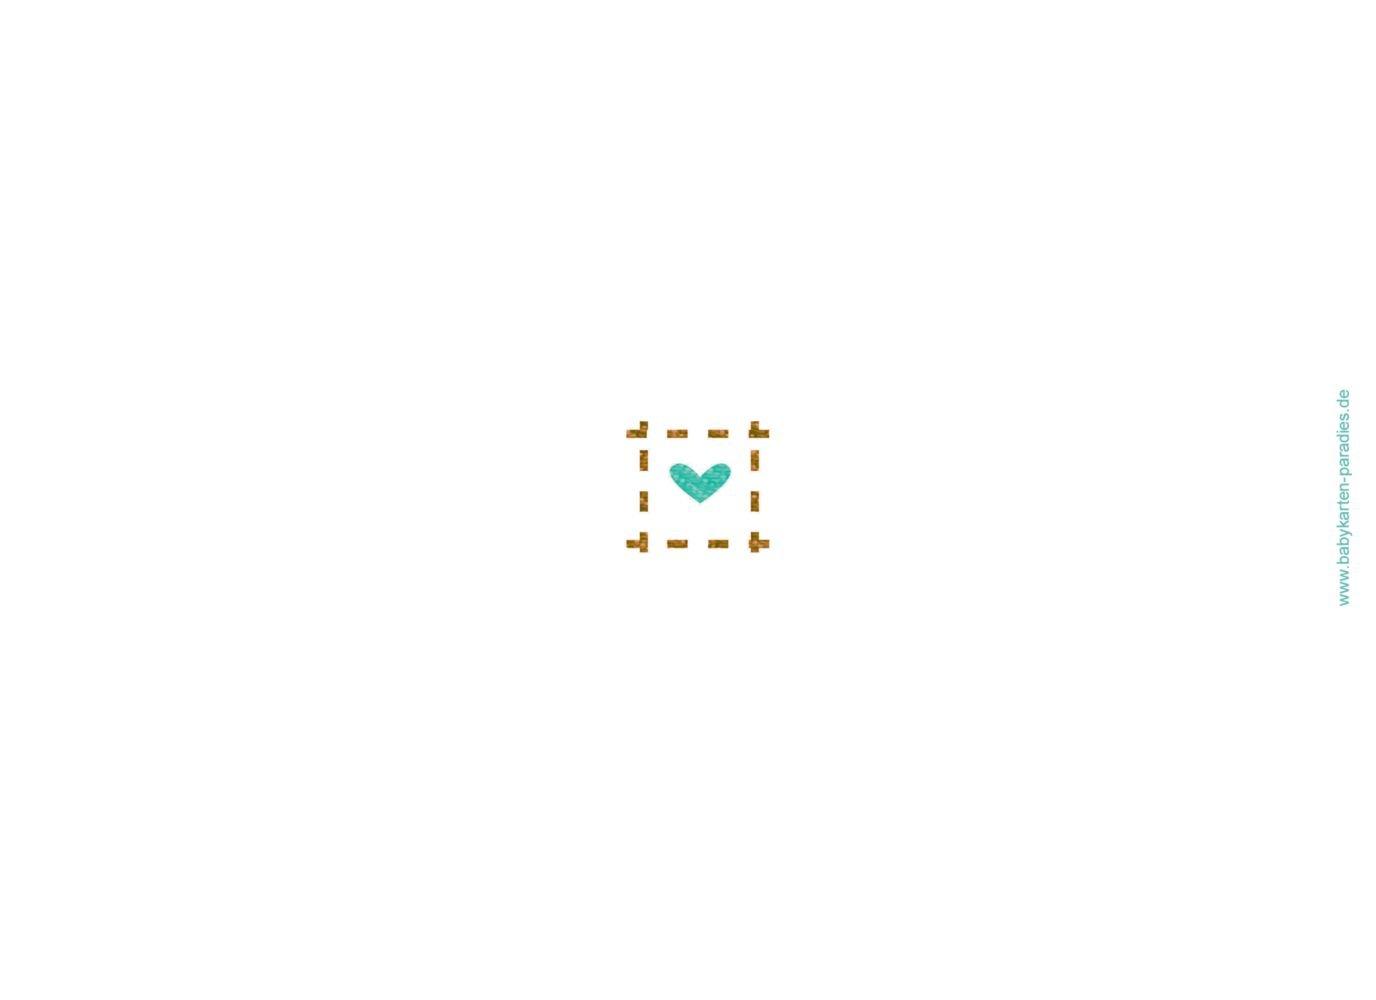 Kartenparadies Danksagung für für für Geburt Baby Dankeskarte Herzrahmen, hochwertige Danksagungskarte Baby inklusive Umschläge   100 Karten - (Format  148x105 mm) Farbe  Lila B01MZFQ423 | Preisreduktion  | Authentische Garantie  | Spielzeugwelt, fröh 844277